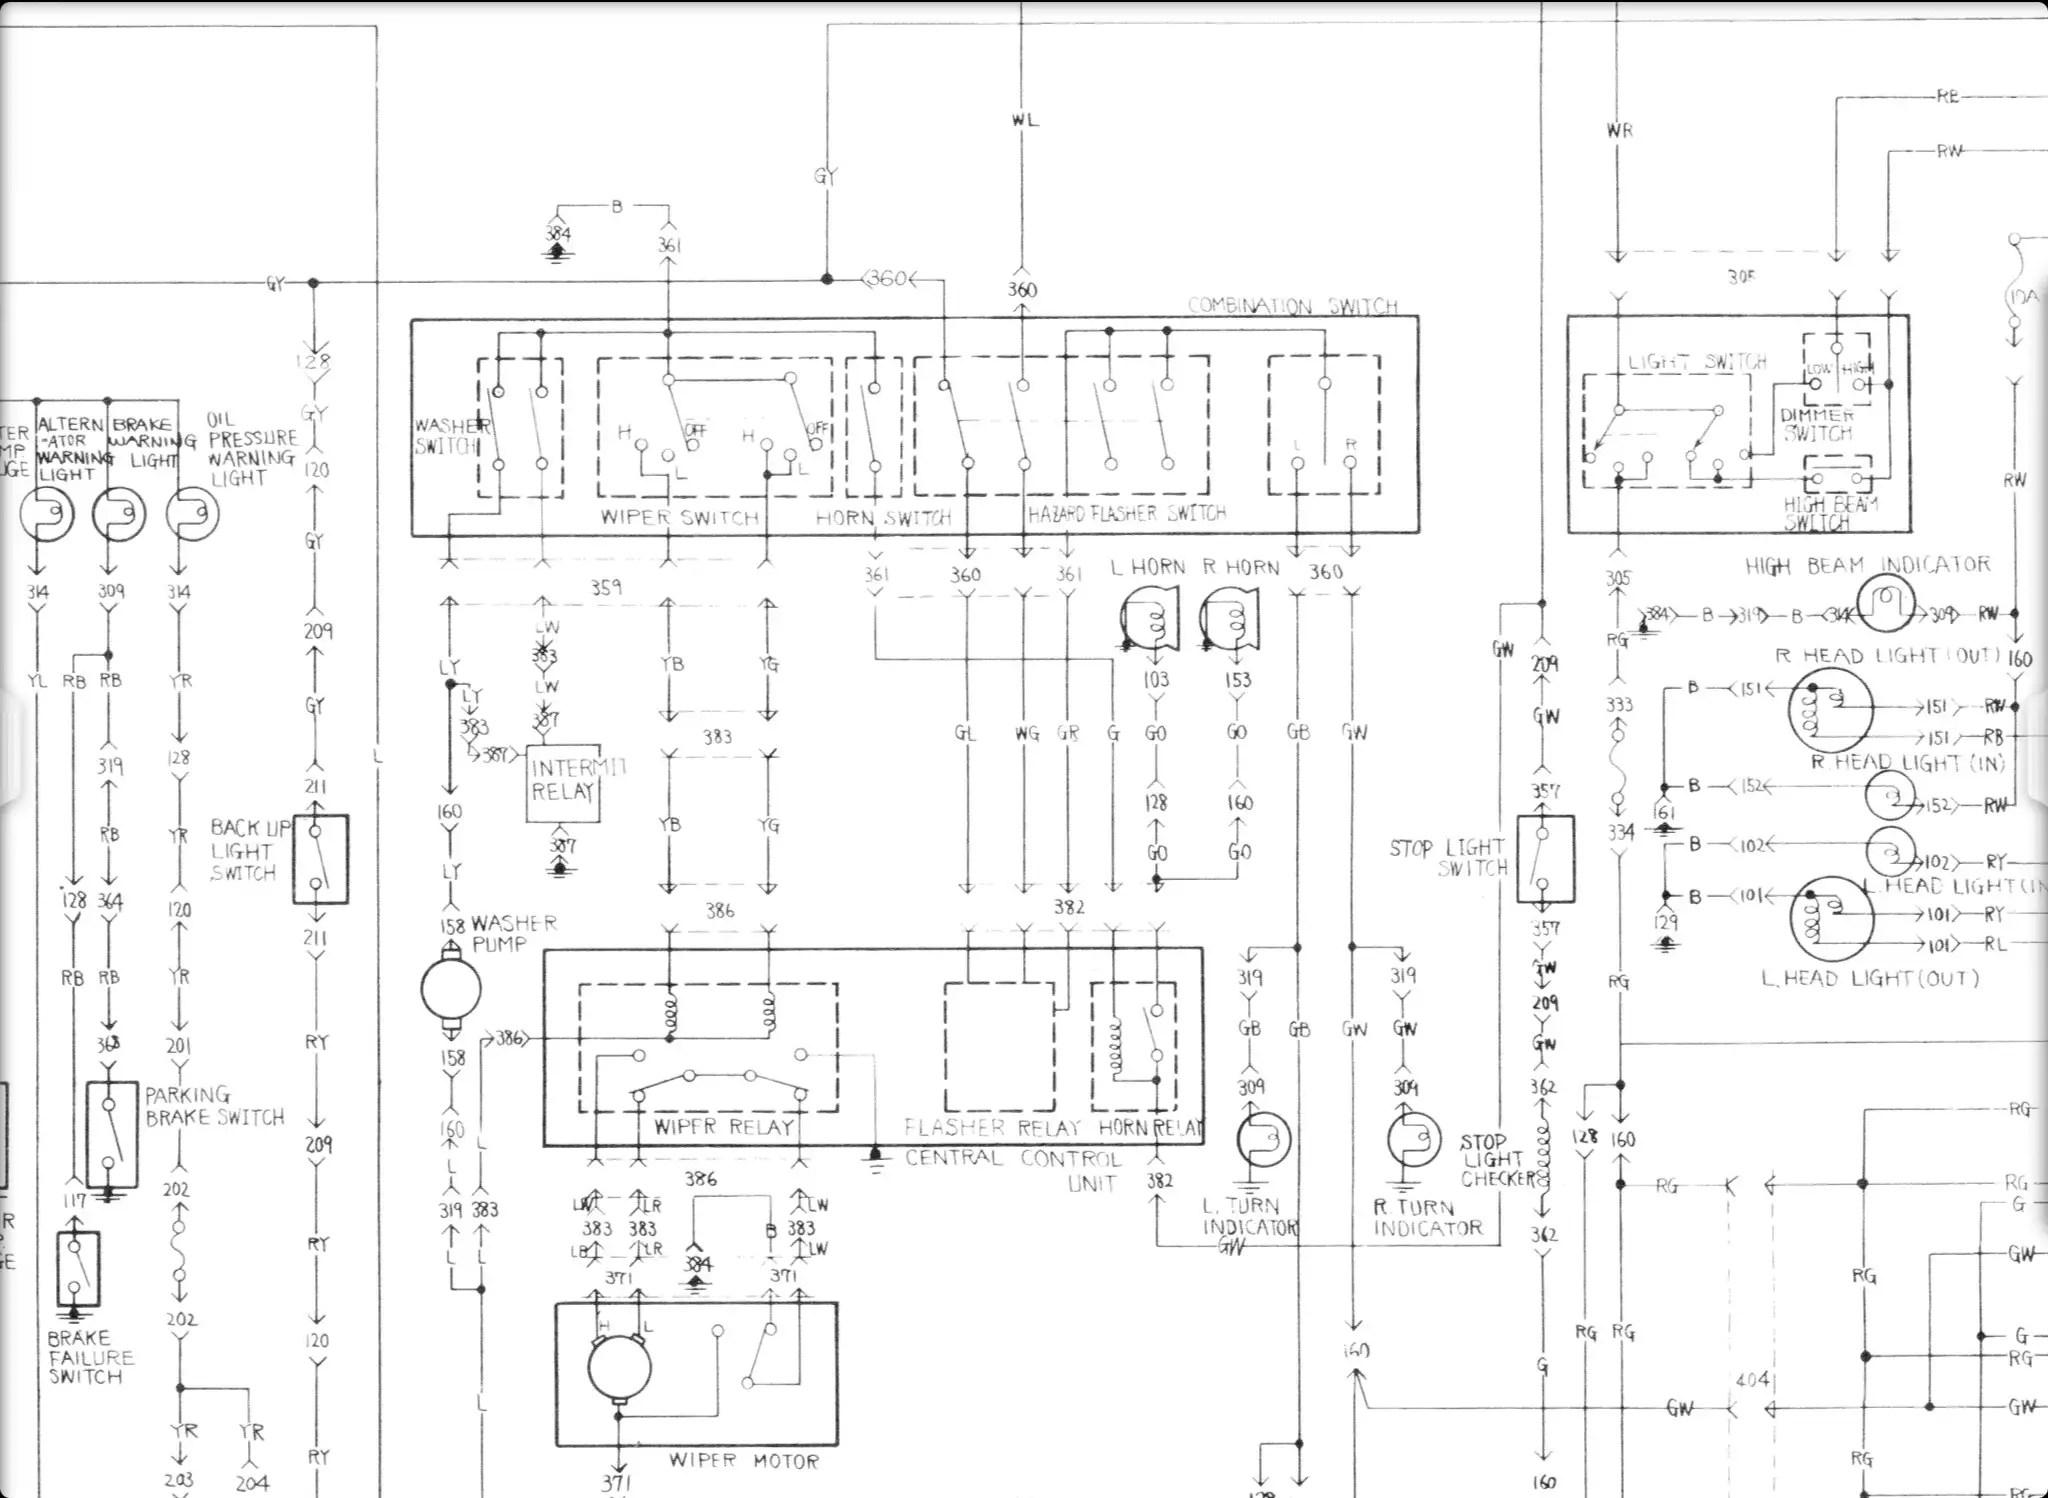 Mazda rx4 wiring diagram wiring diagrams schematics